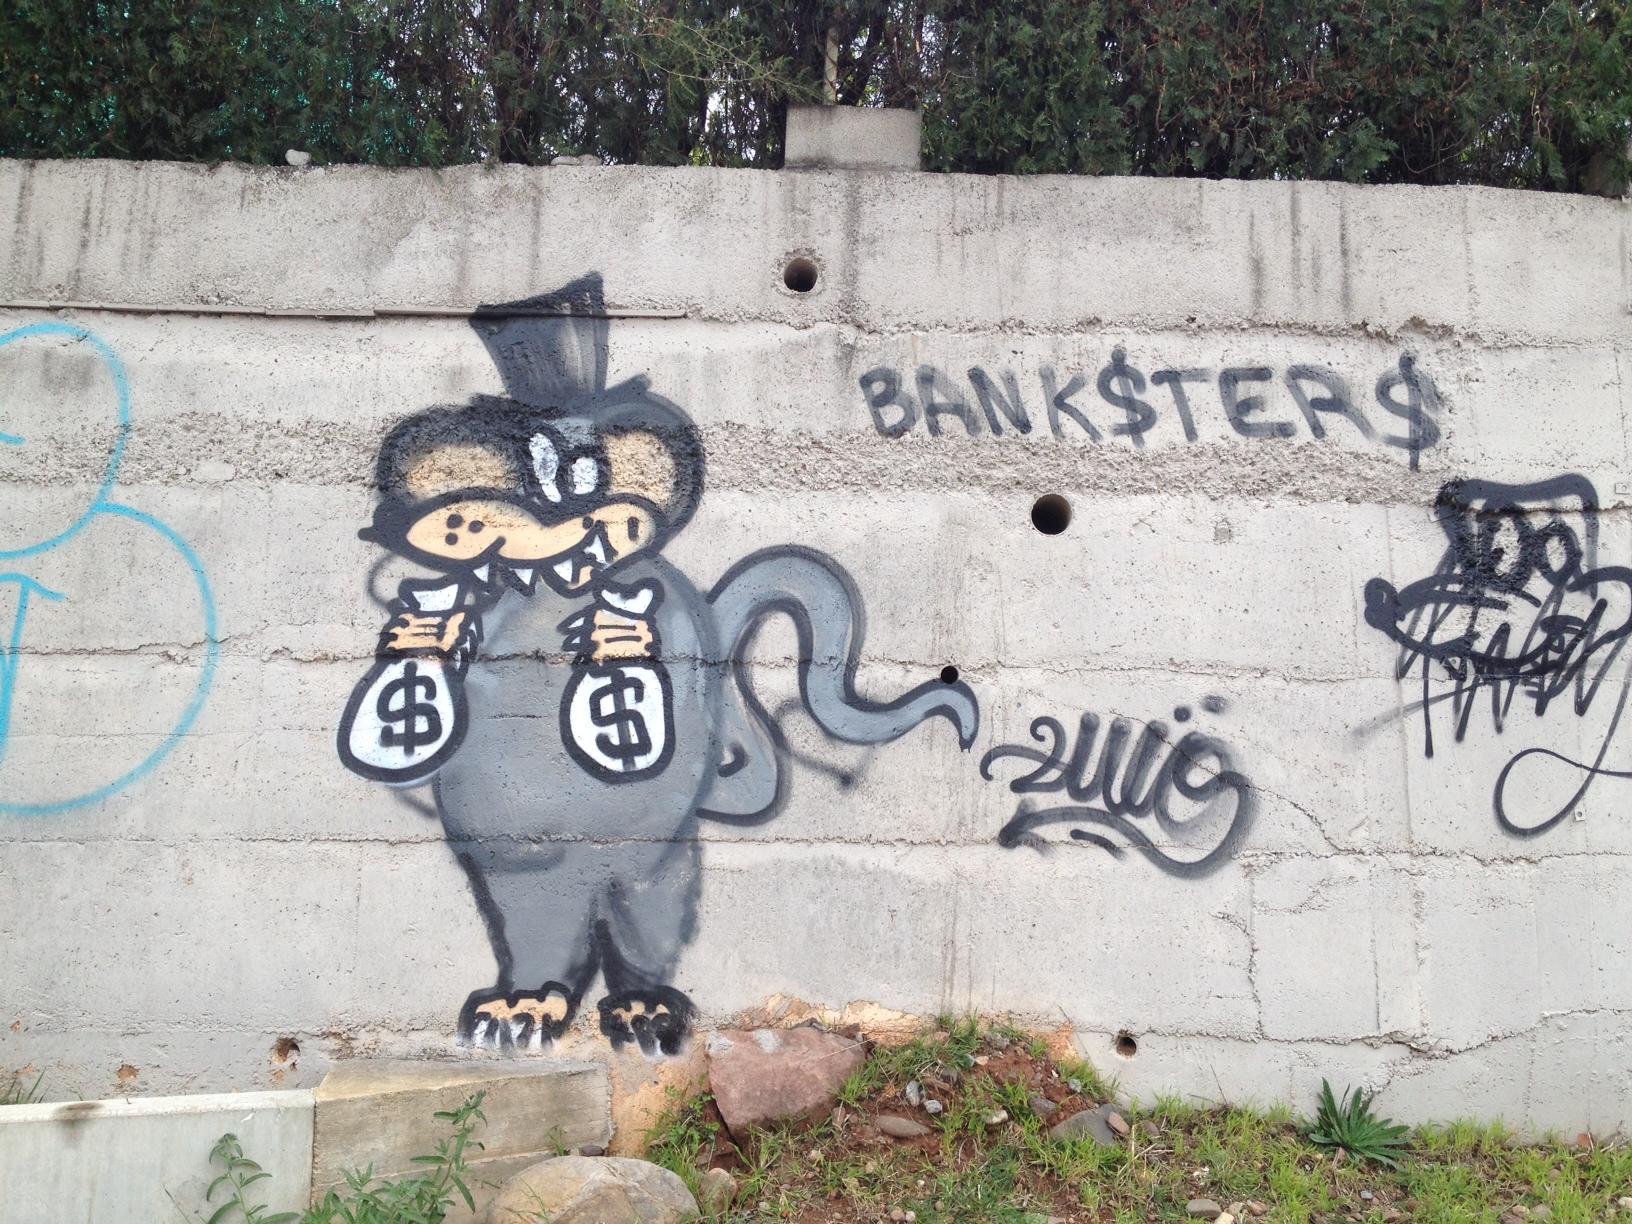 Bankster-Graffiti in Benicàssim